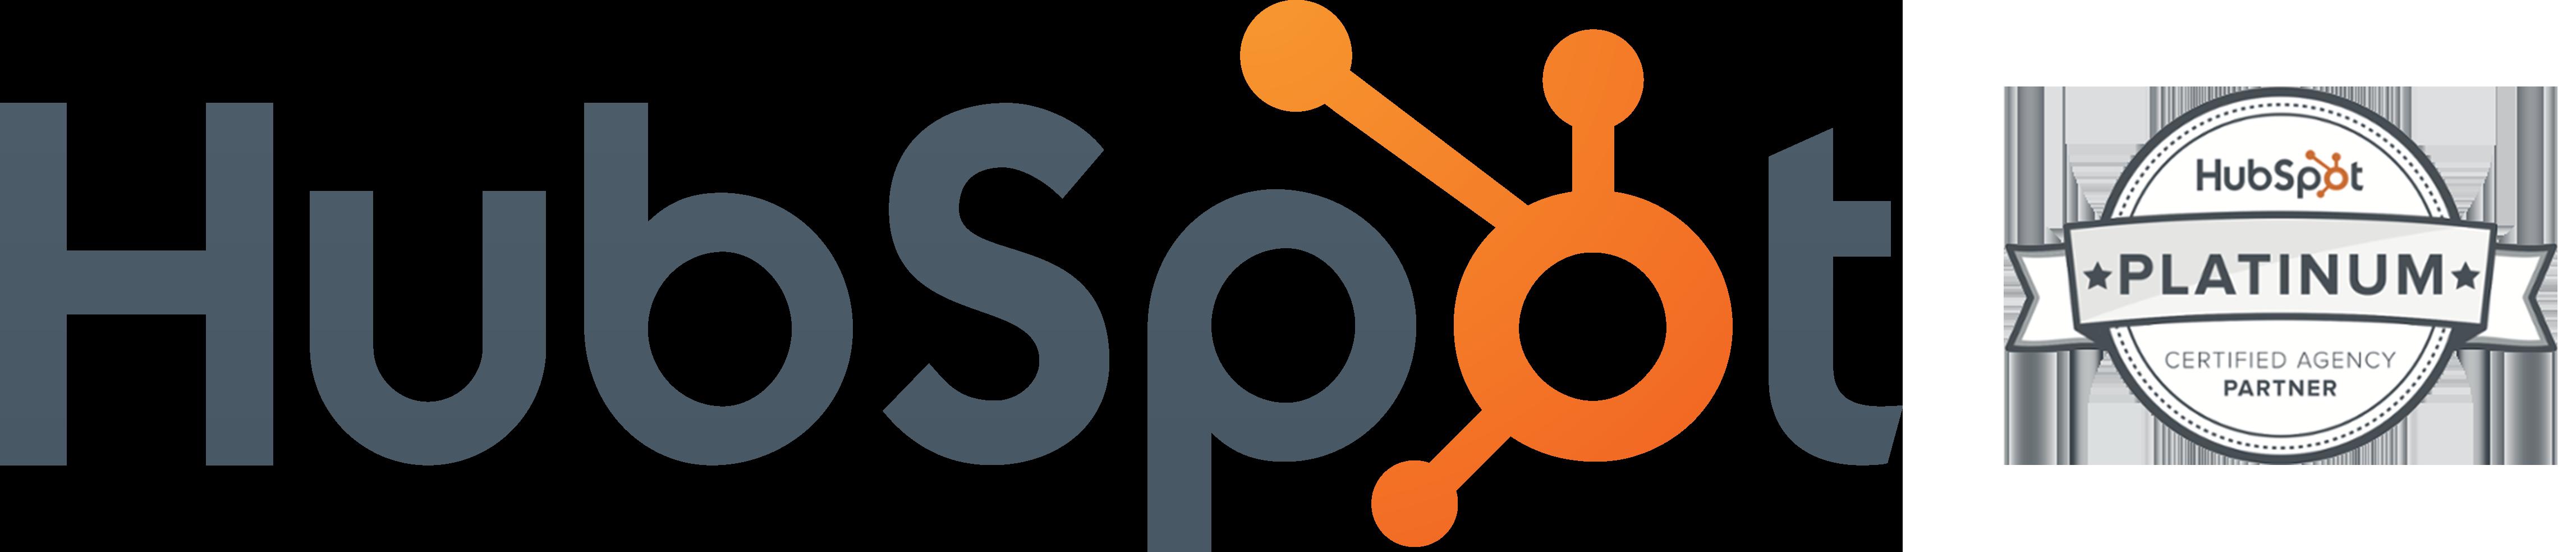 HubSpot-Logo-platinum-partner